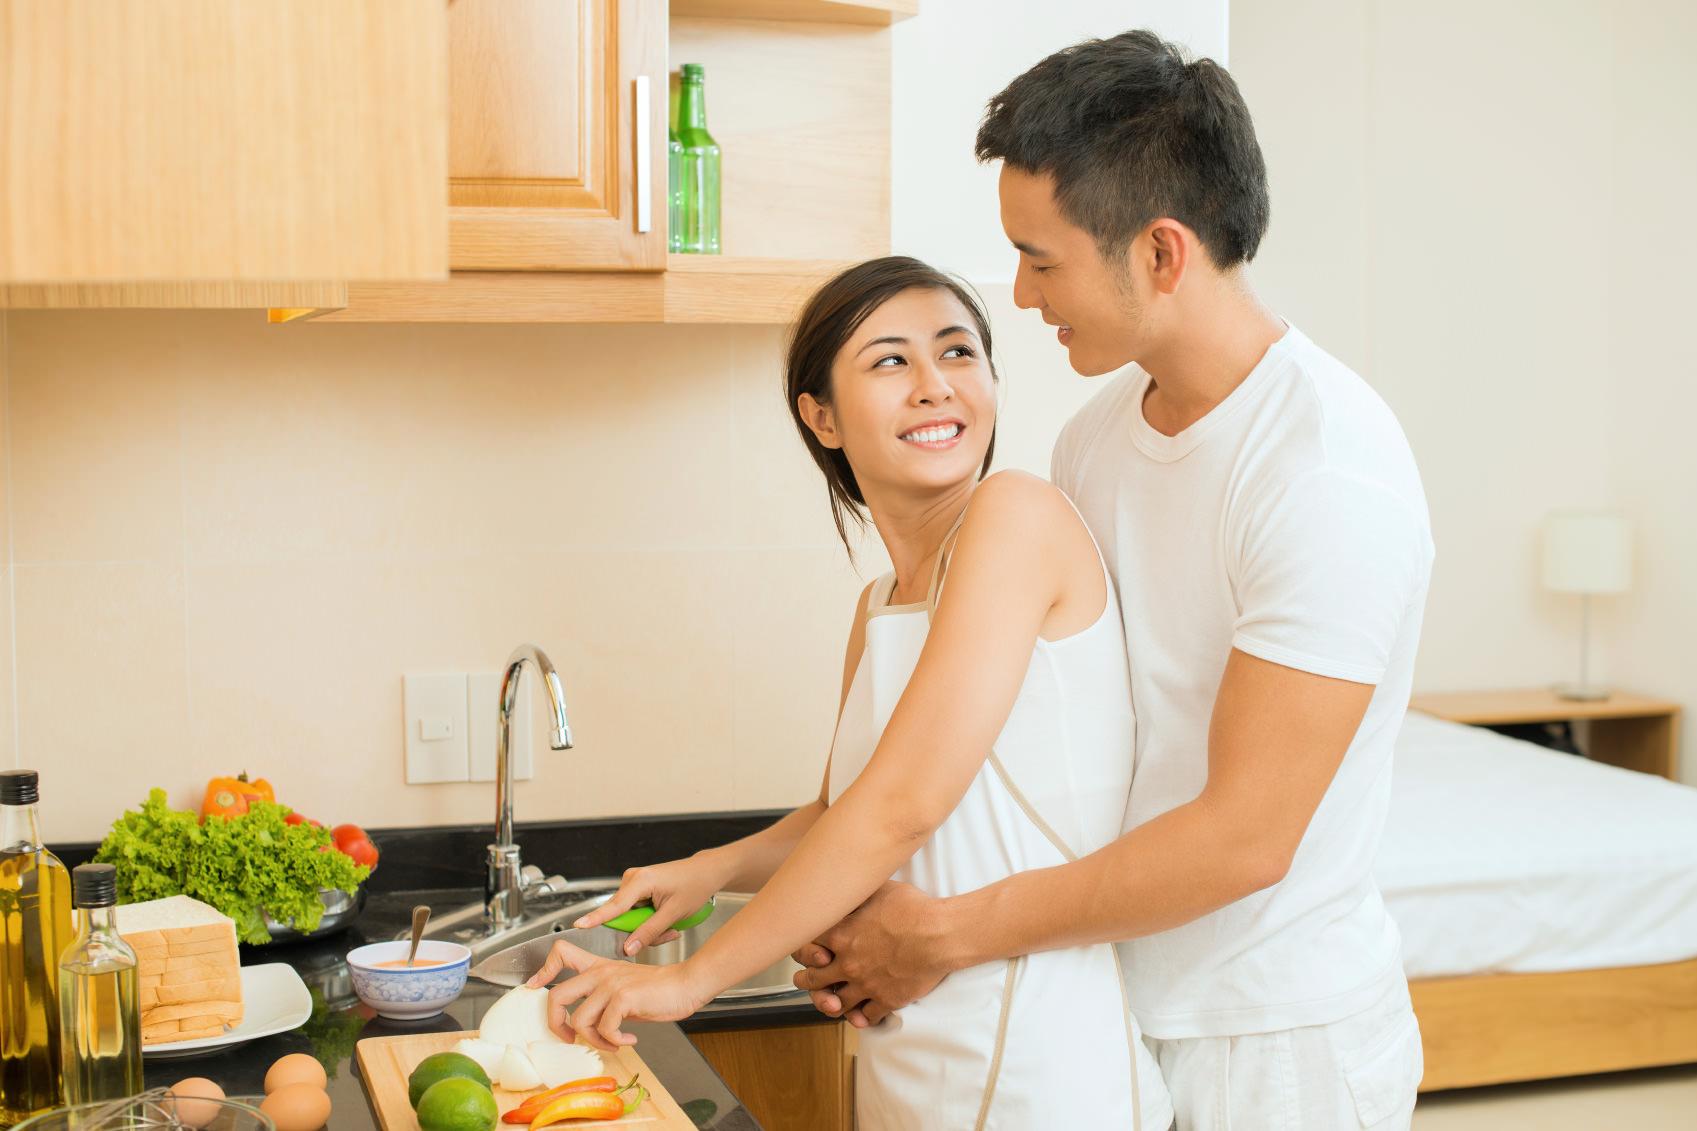 Tâm sự cha gửi con trai: Có tiền tỷ cũng không mua được nụ cười của vợ, nhưng hạnh phúc của vợ có thể đổi giàu sang - Ảnh 4